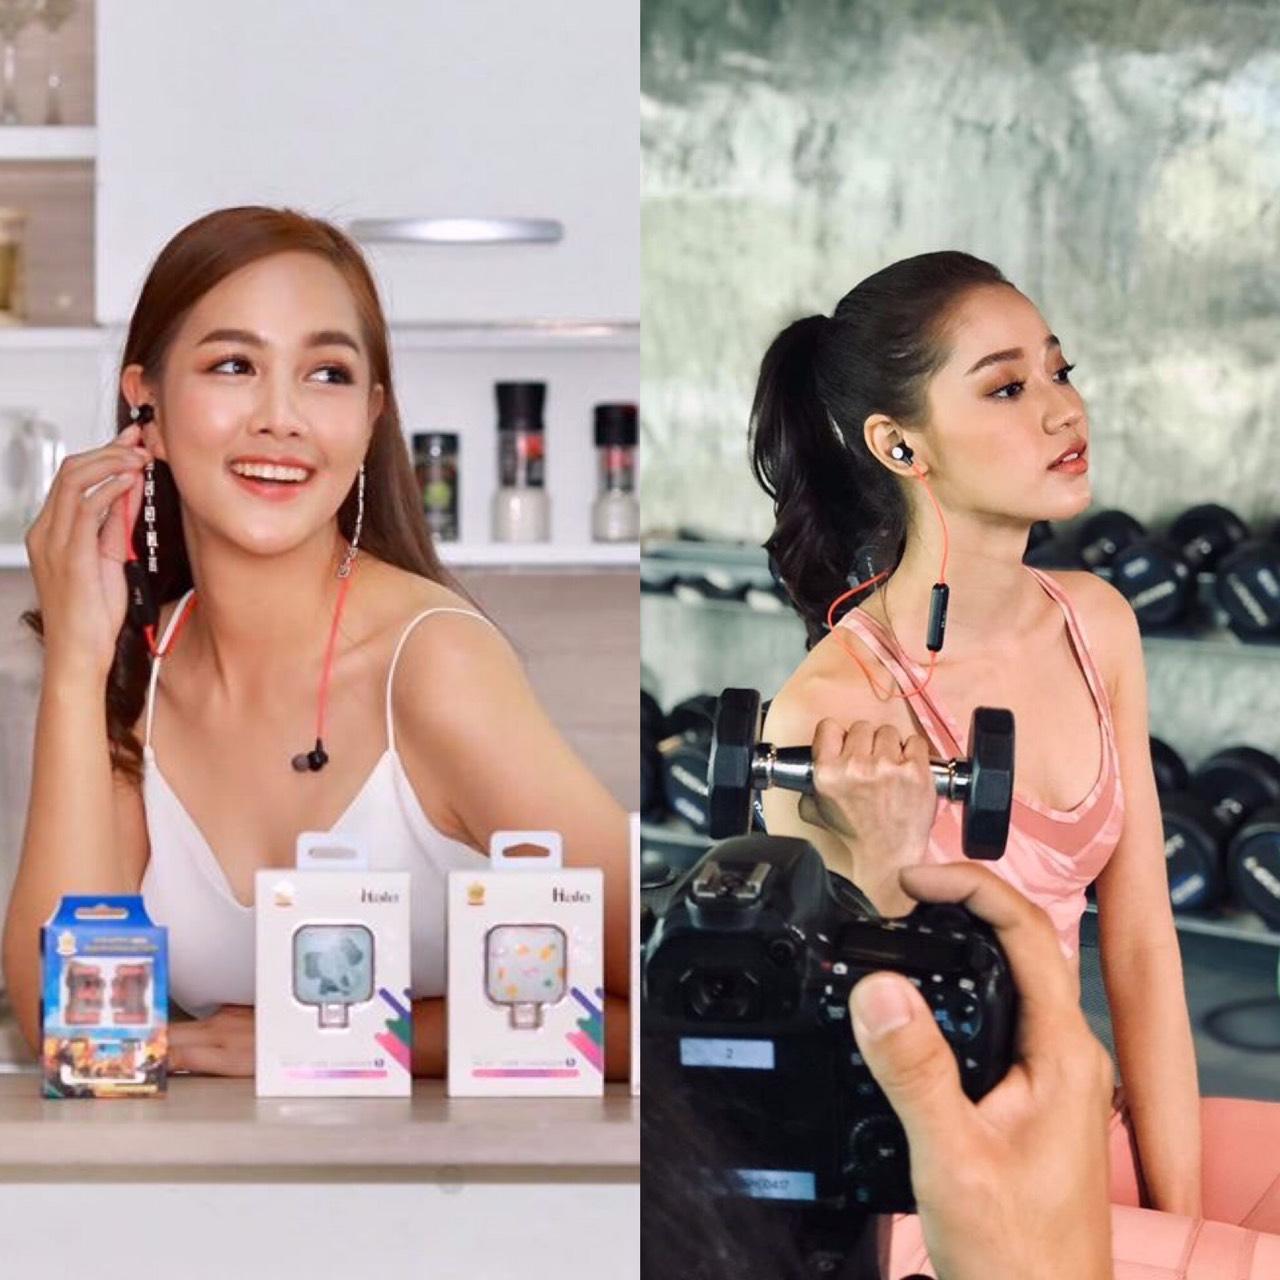 2 สาวรอง Miss Thailand World 2019 ร่วมถ่าย VTR ให้กับแบรนด์หูฟัง Hale